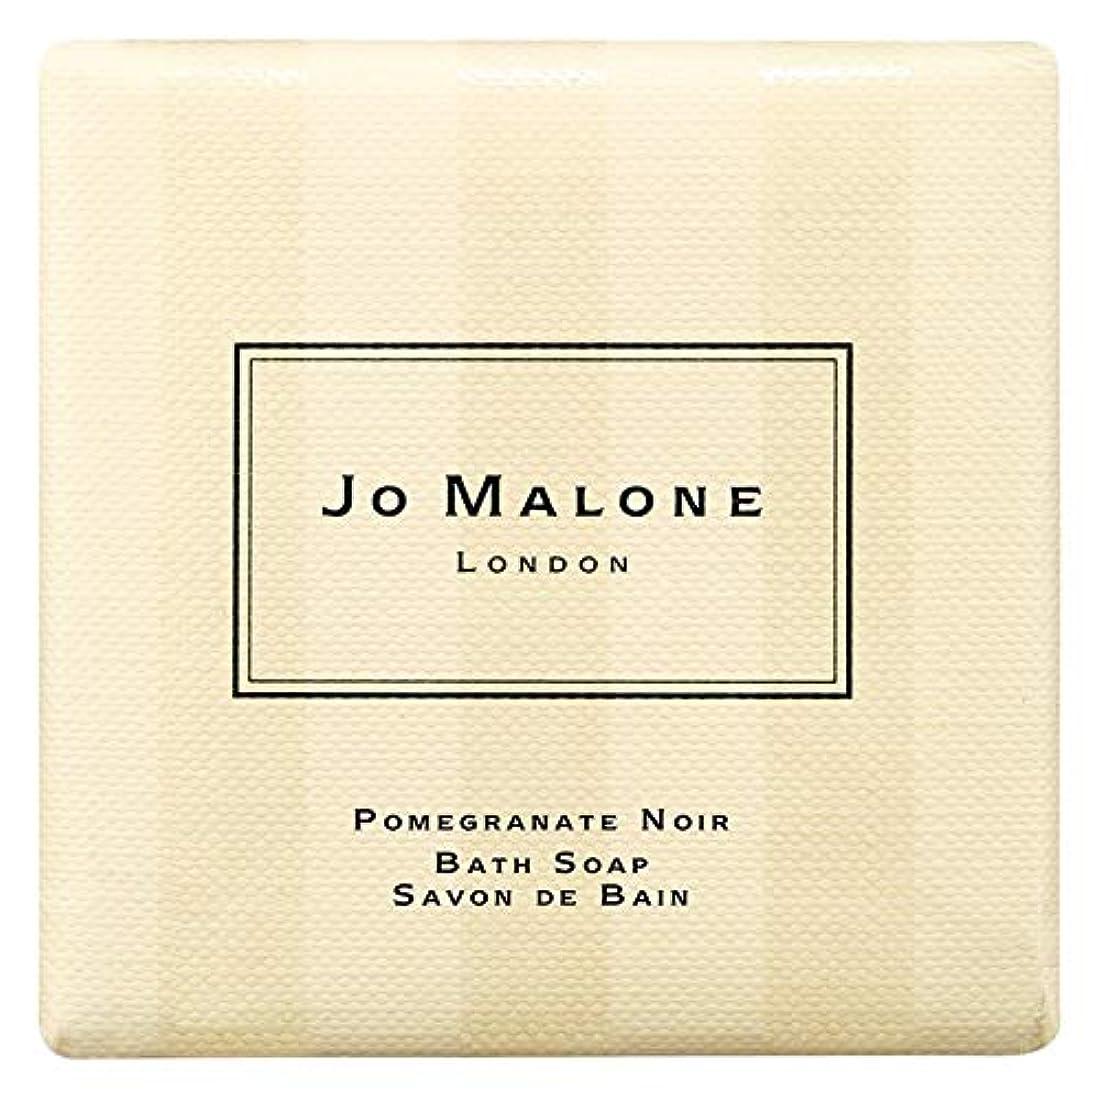 遅らせる新聞ボーカル[Jo Malone] ジョーマローンロンドンザクロノワール入浴石鹸100グラム - Jo Malone London Pomegranate Noir Bath Soap 100g [並行輸入品]